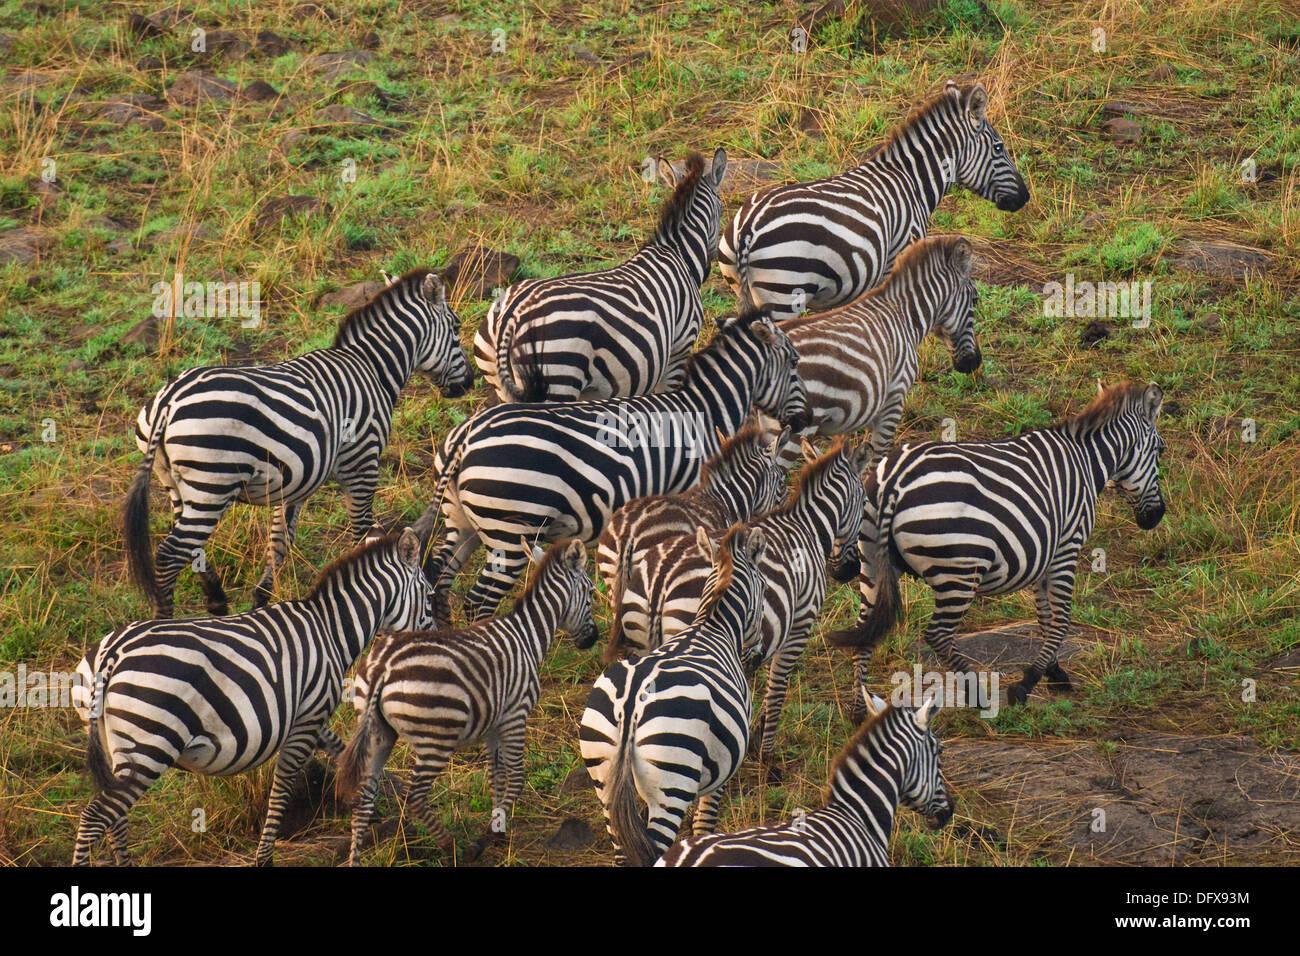 Une vue aérienne d'un troupeau de zèbres en mouvement, Masai Mara National Reserve, Kenya Photo Stock